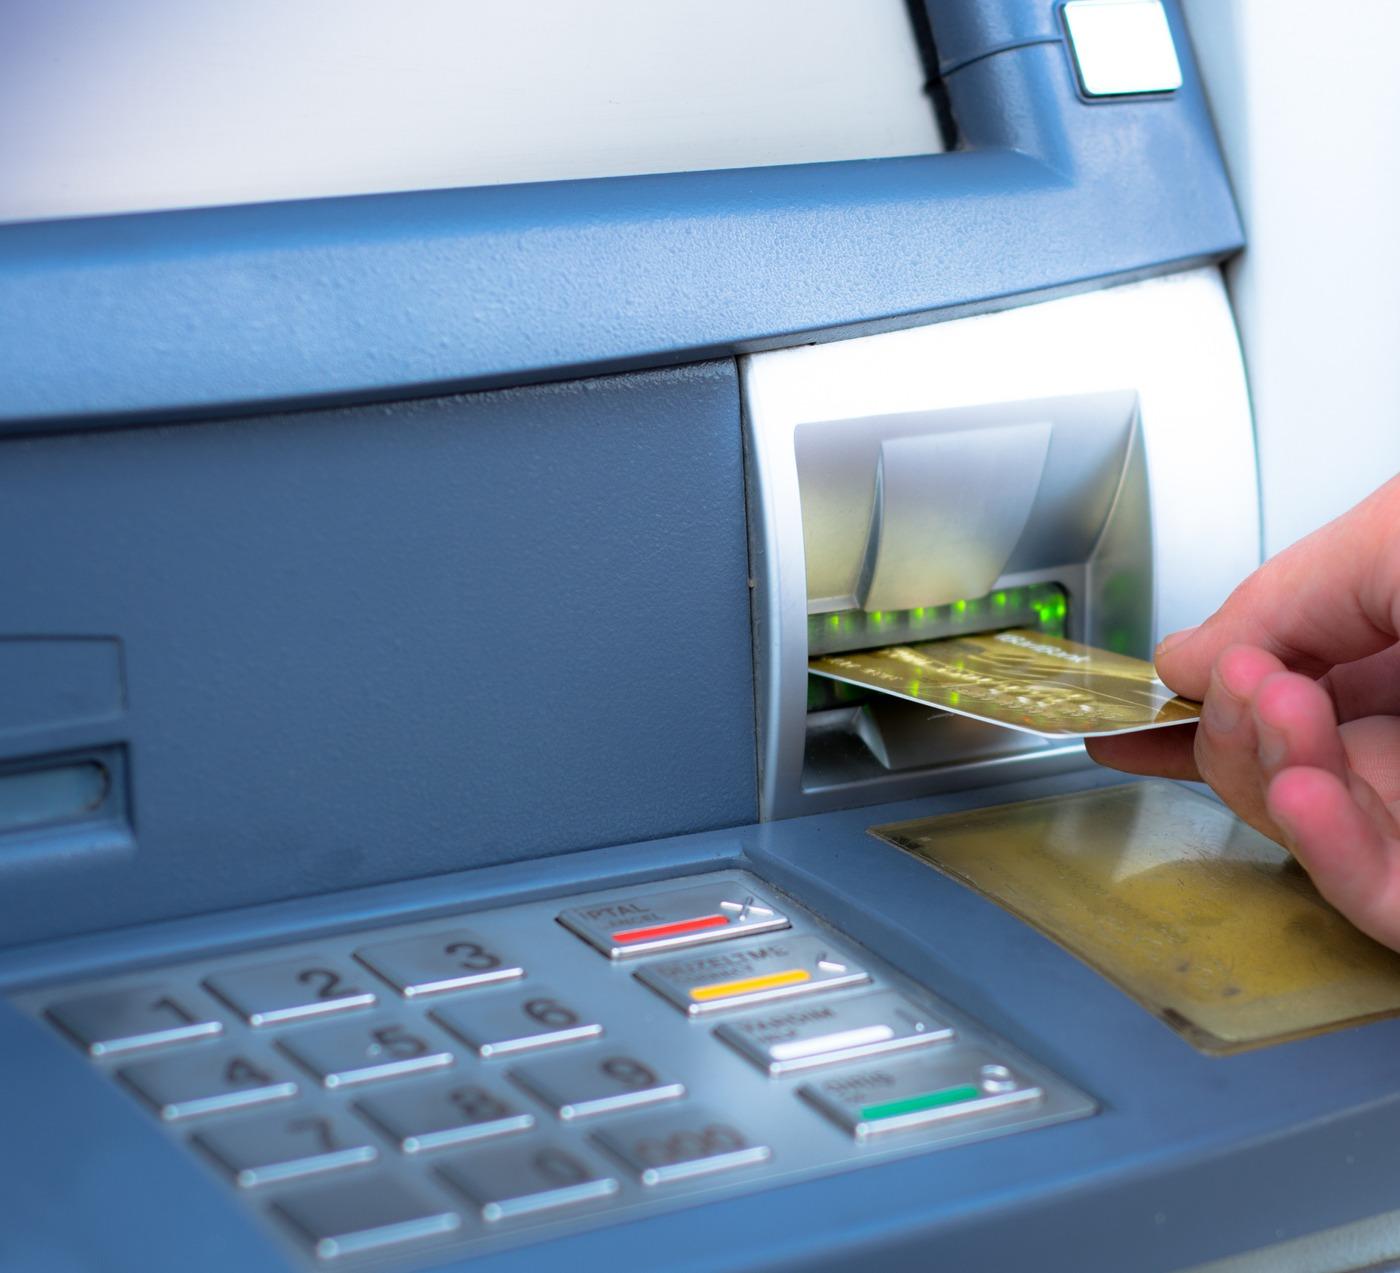 Homem a utilizar cartão de débito numa caixa Multibanco